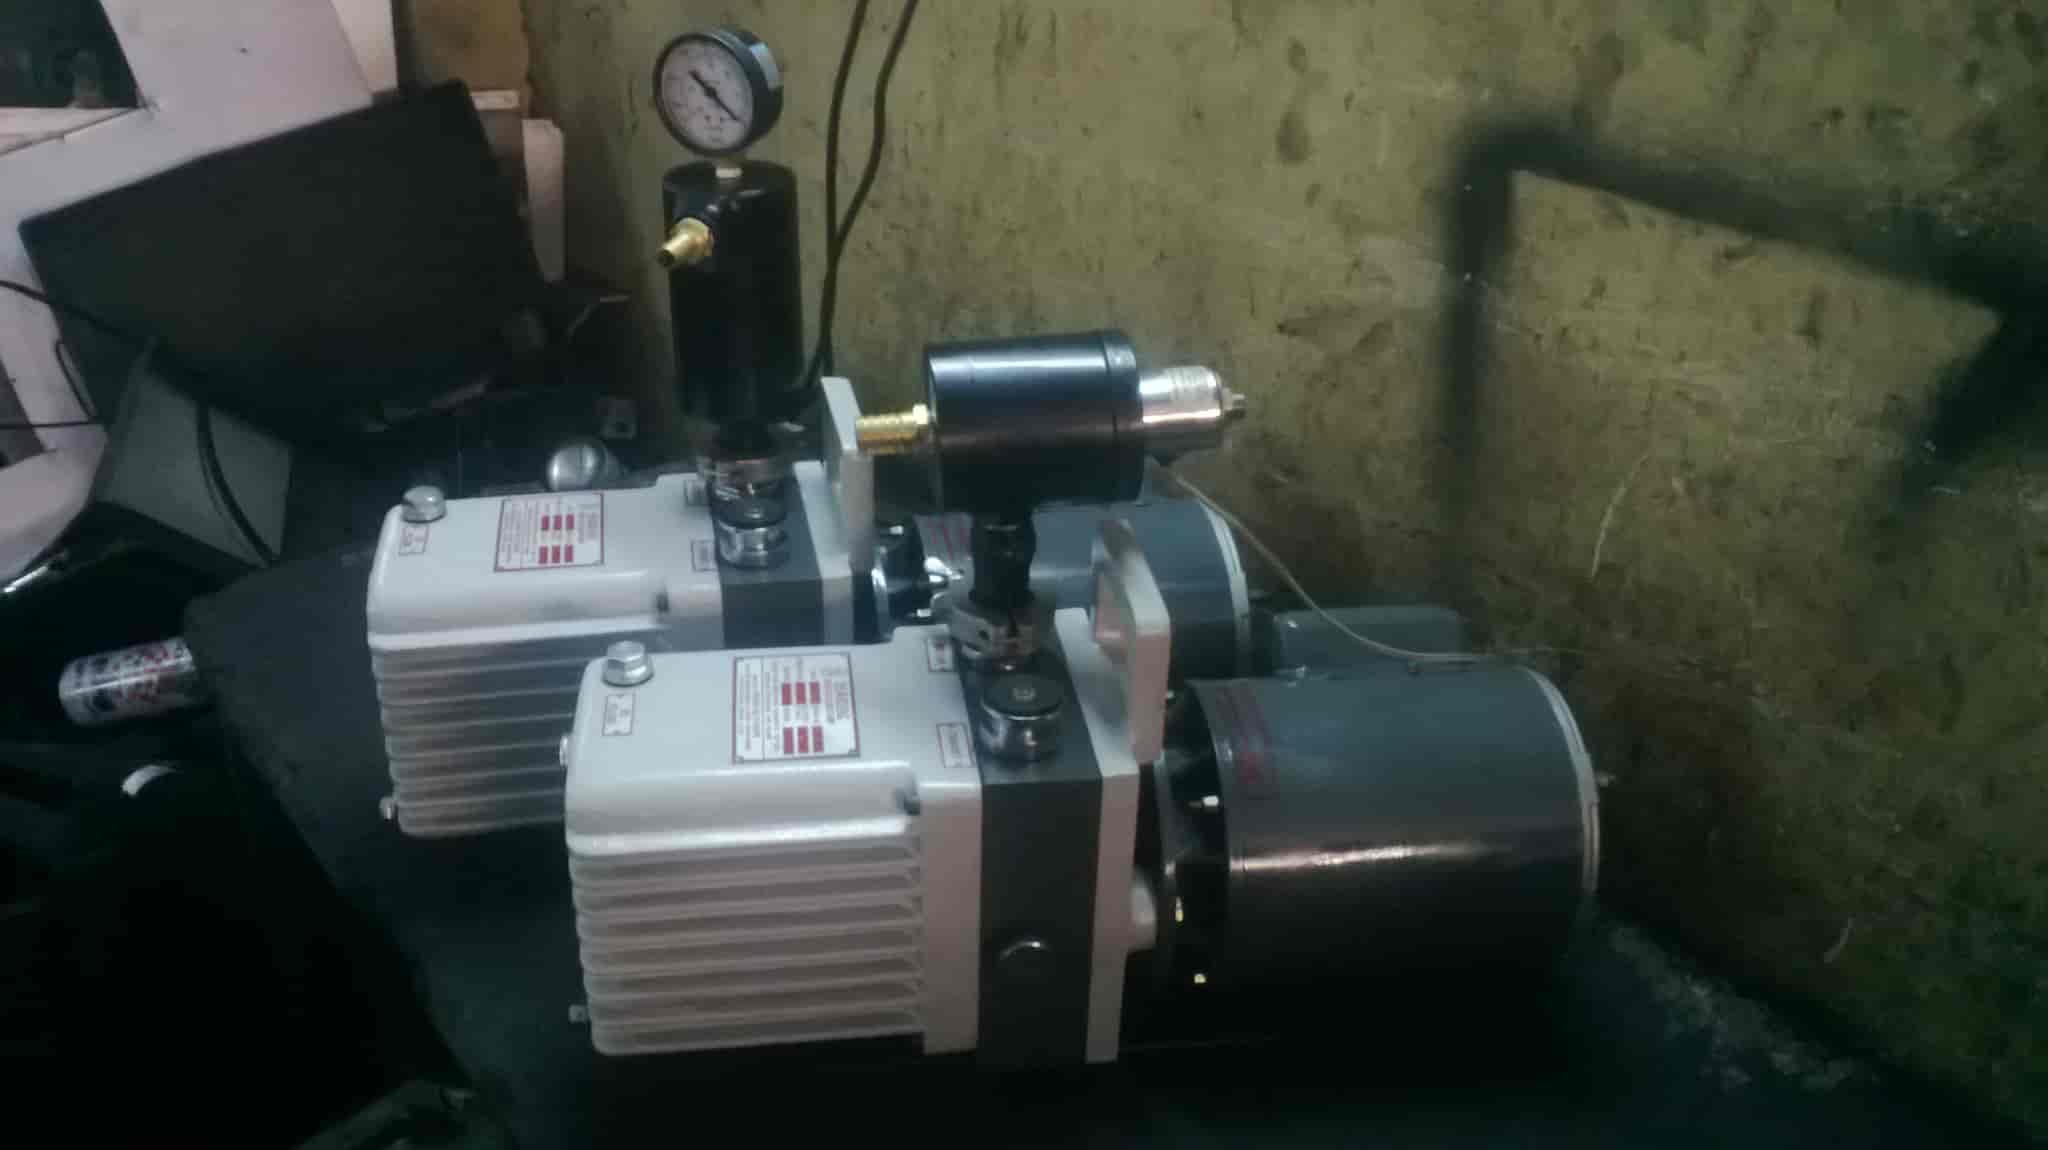 Prabivac Pumps